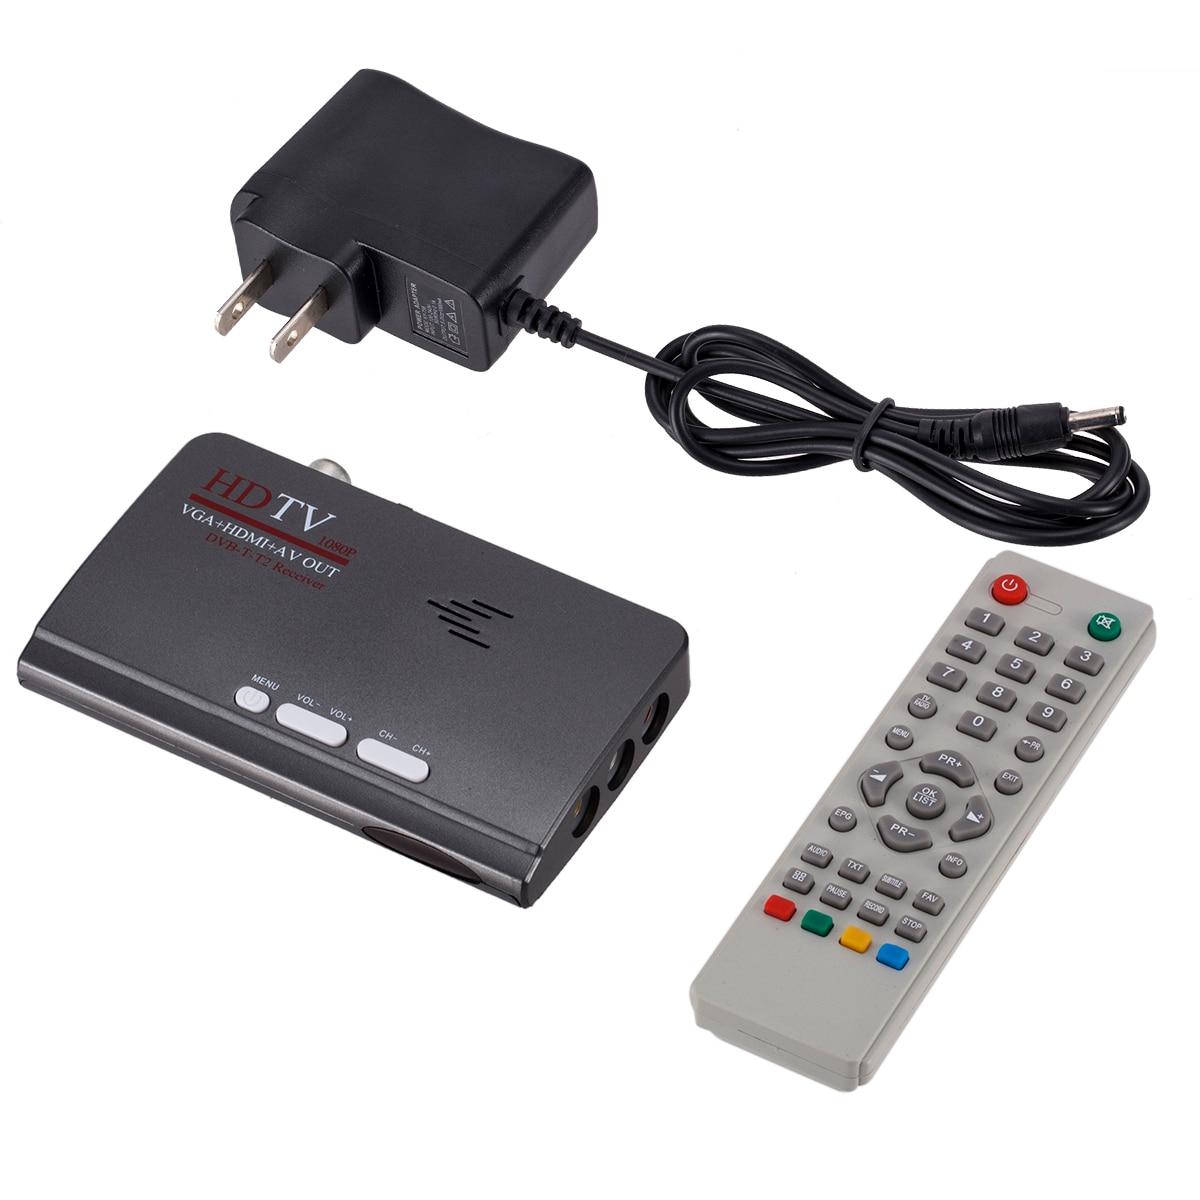 DVB-T/DVB-T2 Sintonizador de TV Receptor DVB T/T2 Caixa De TV VGA CVBS AV digital HDMI 1080 P HD receptor de satélite Com Controle Remoto